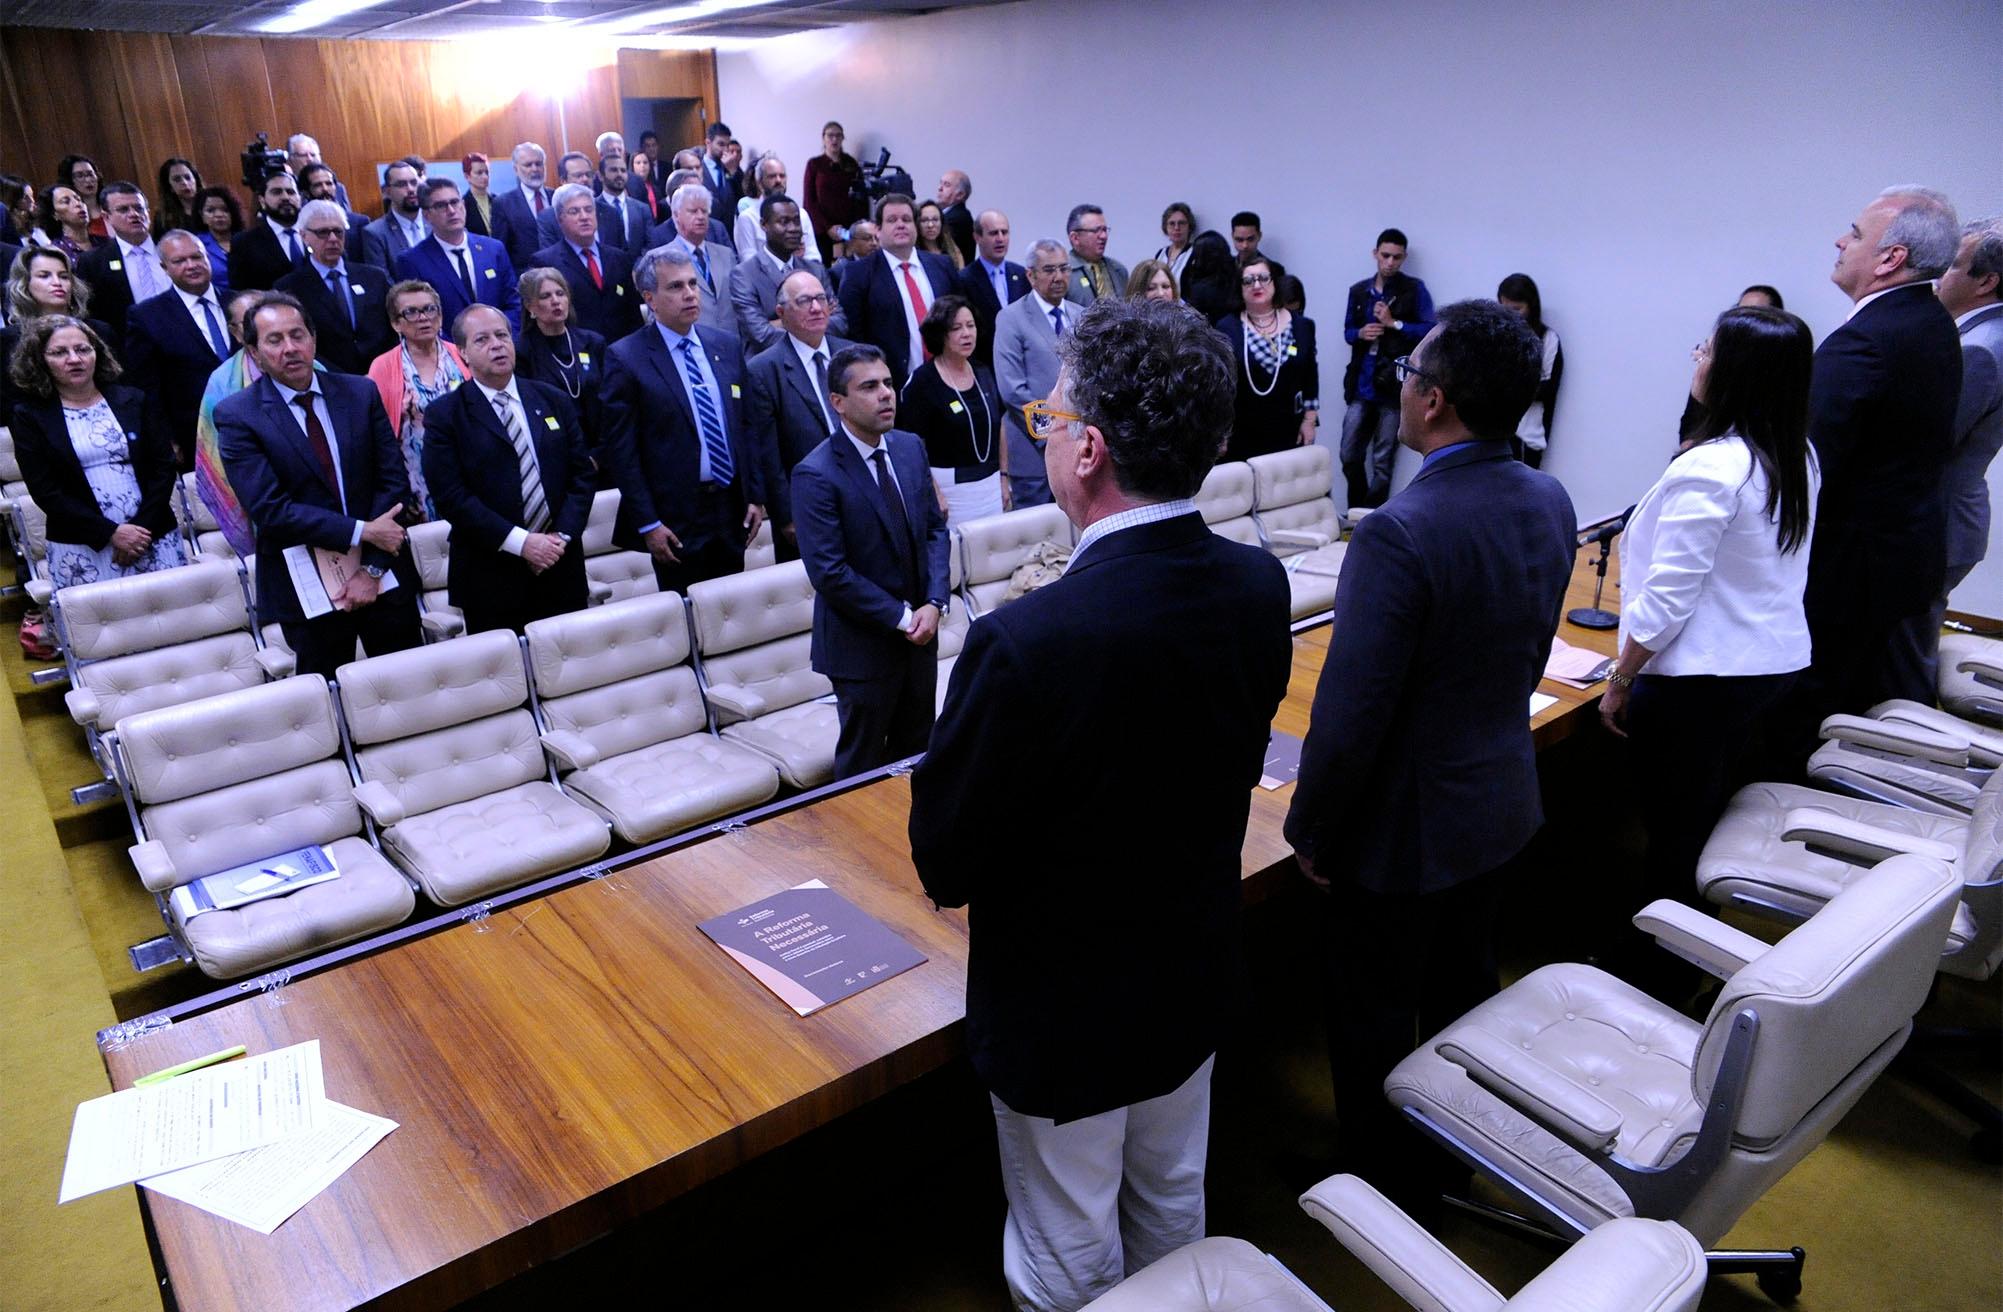 Lançamento do documento-síntese com propostas da Reforma Tributária Solidária